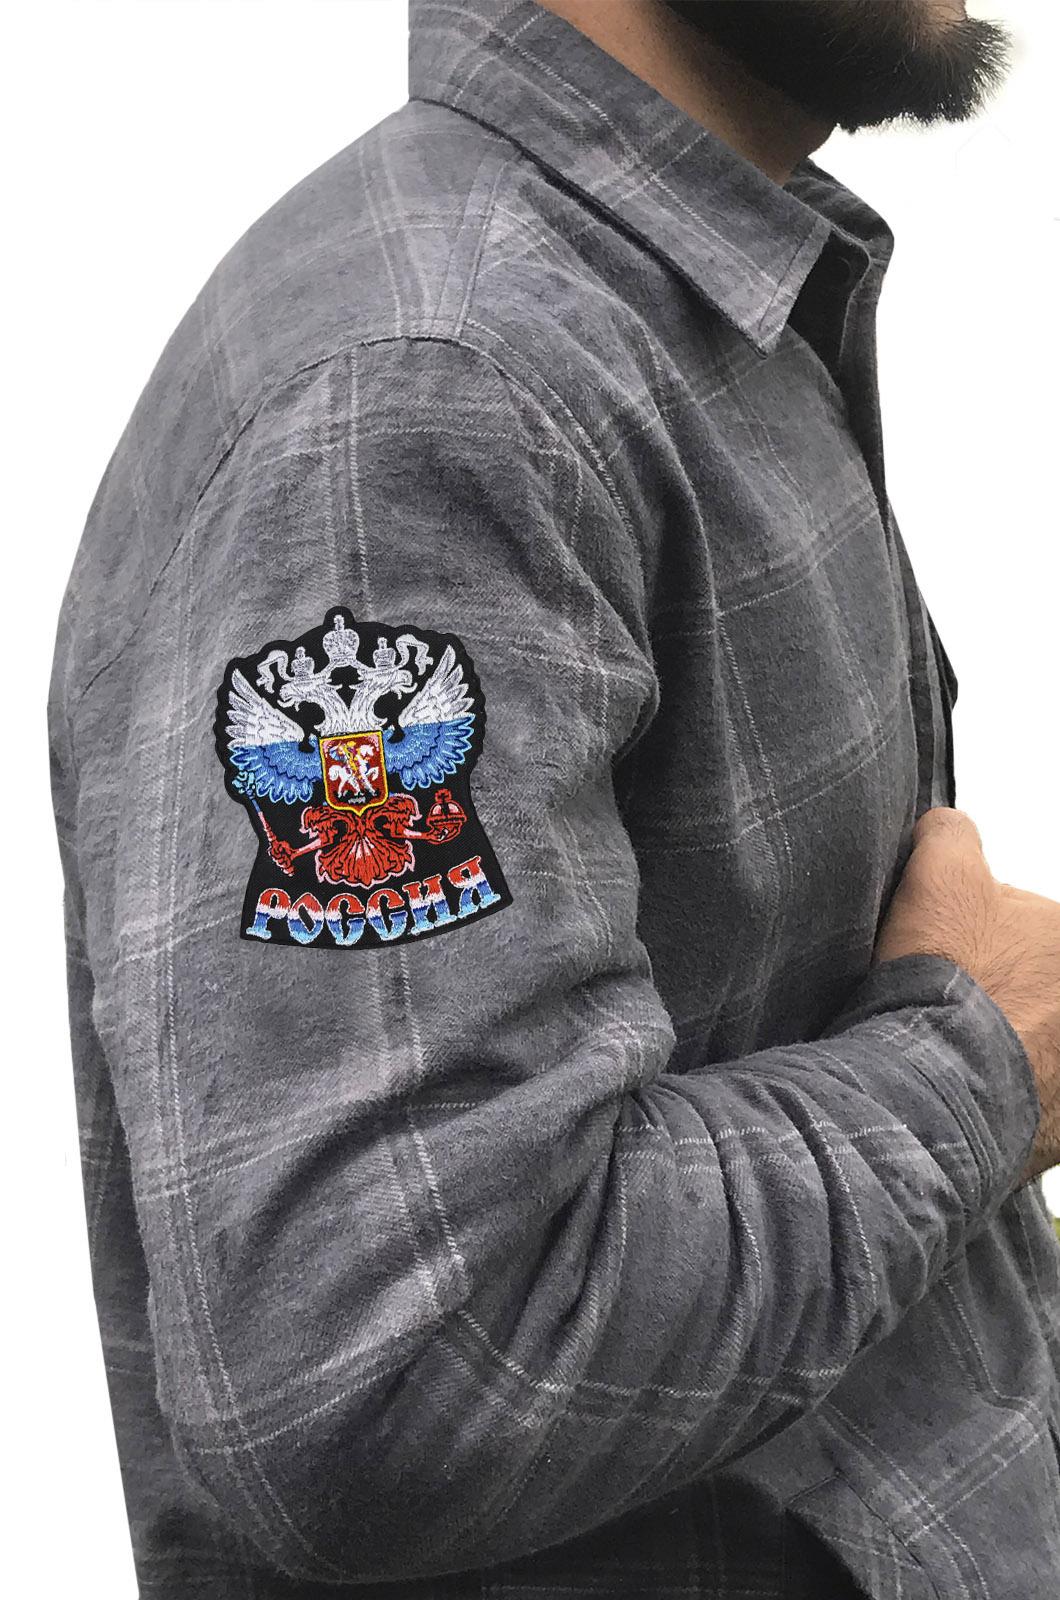 Зимняя мужская рубашка с шевроном «Россия»